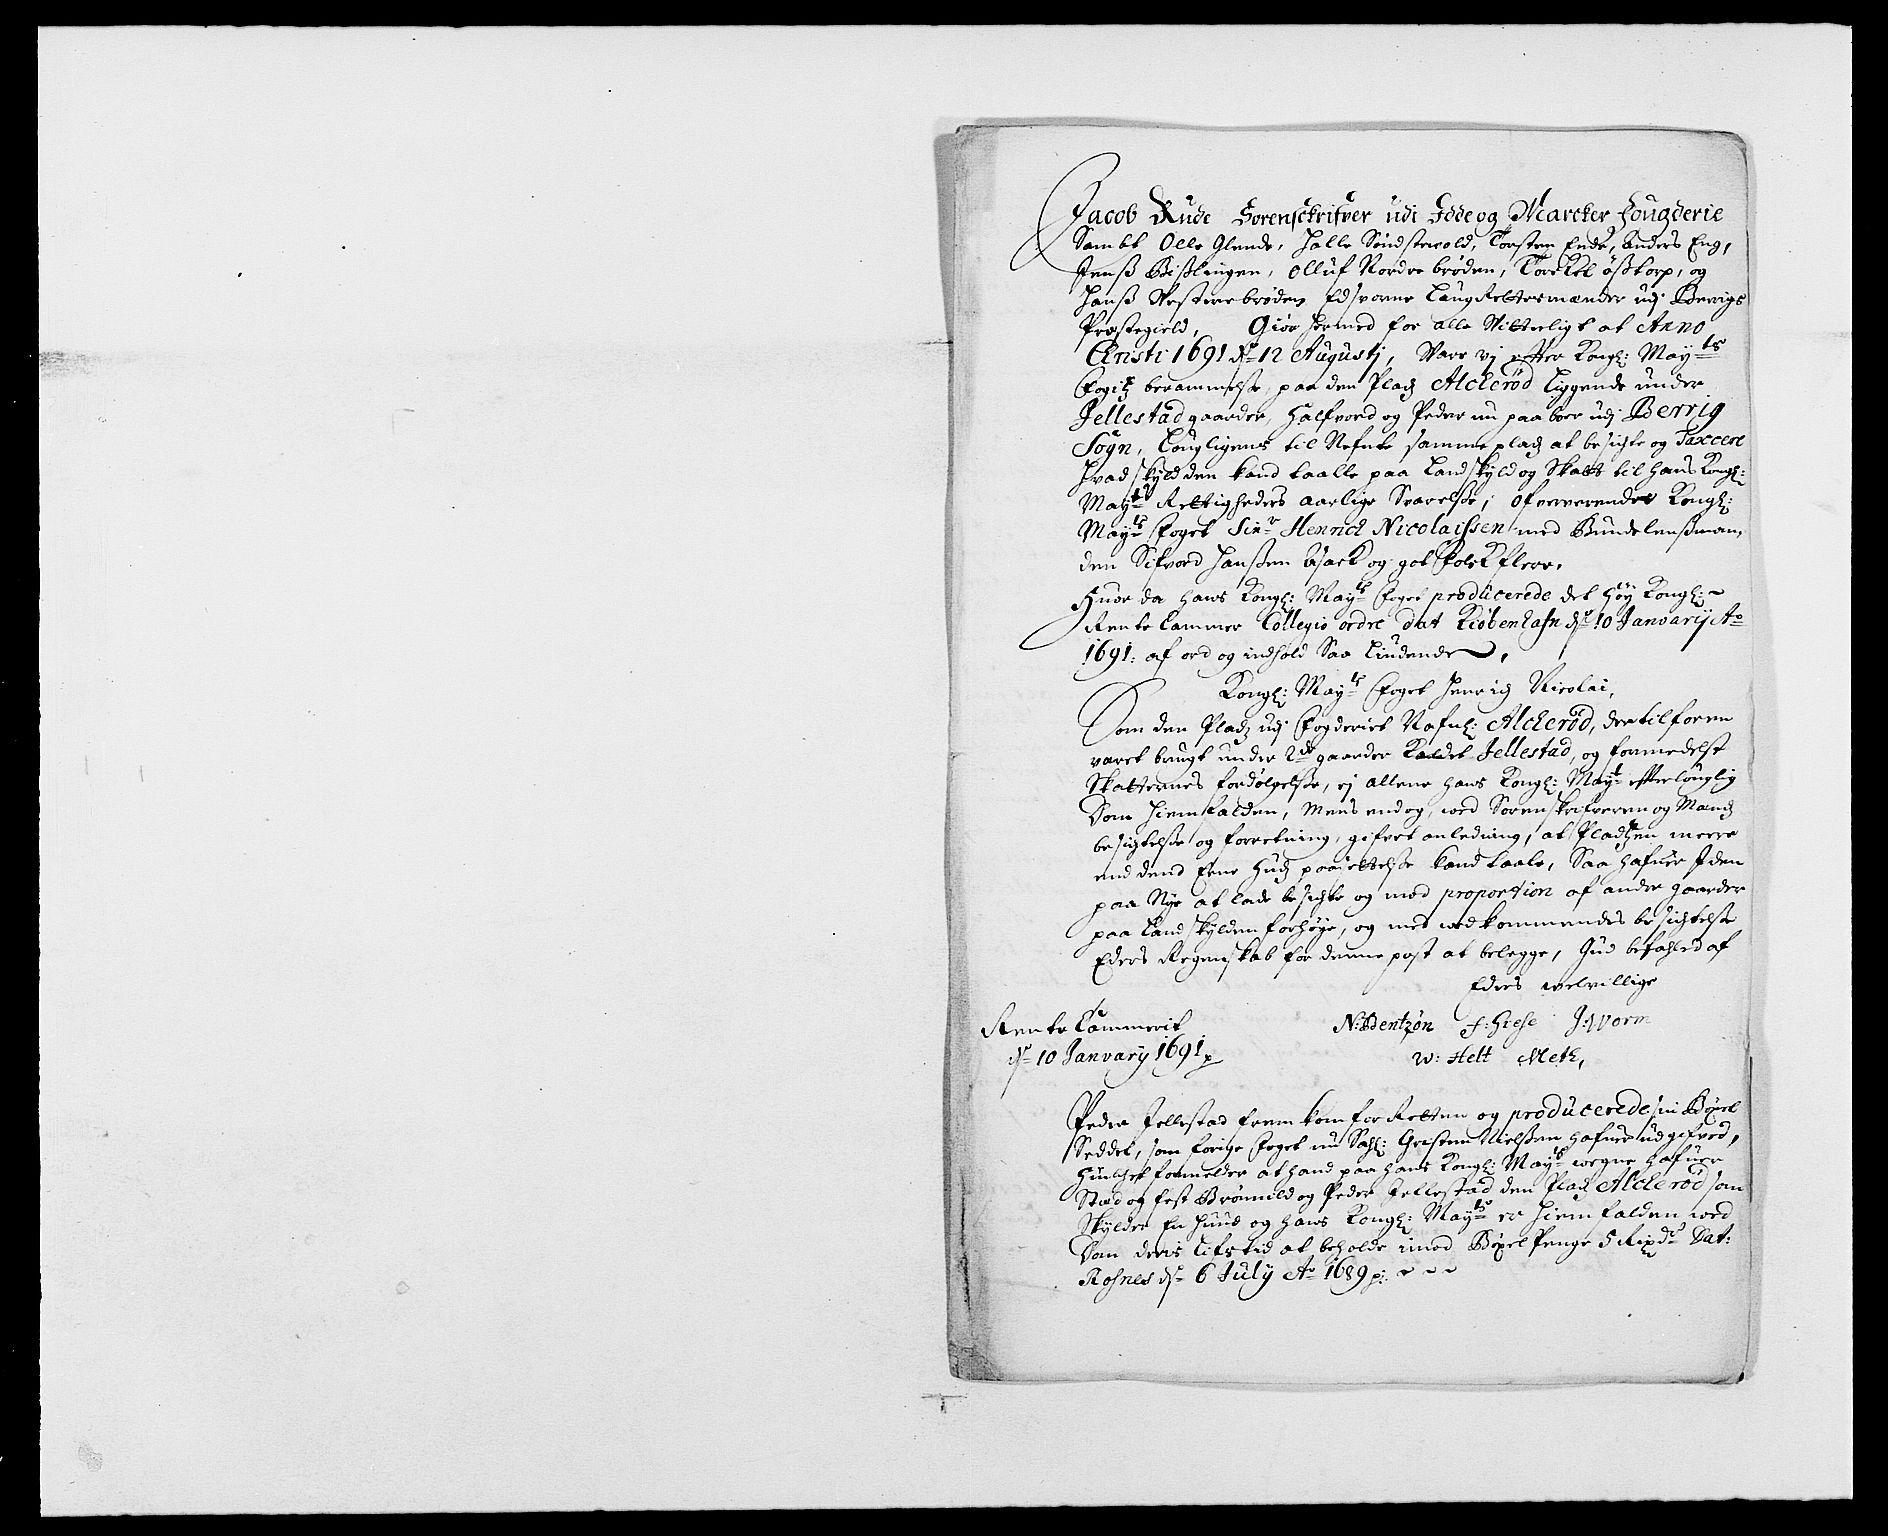 RA, Rentekammeret inntil 1814, Reviderte regnskaper, Fogderegnskap, R01/L0010: Fogderegnskap Idd og Marker, 1690-1691, s. 332